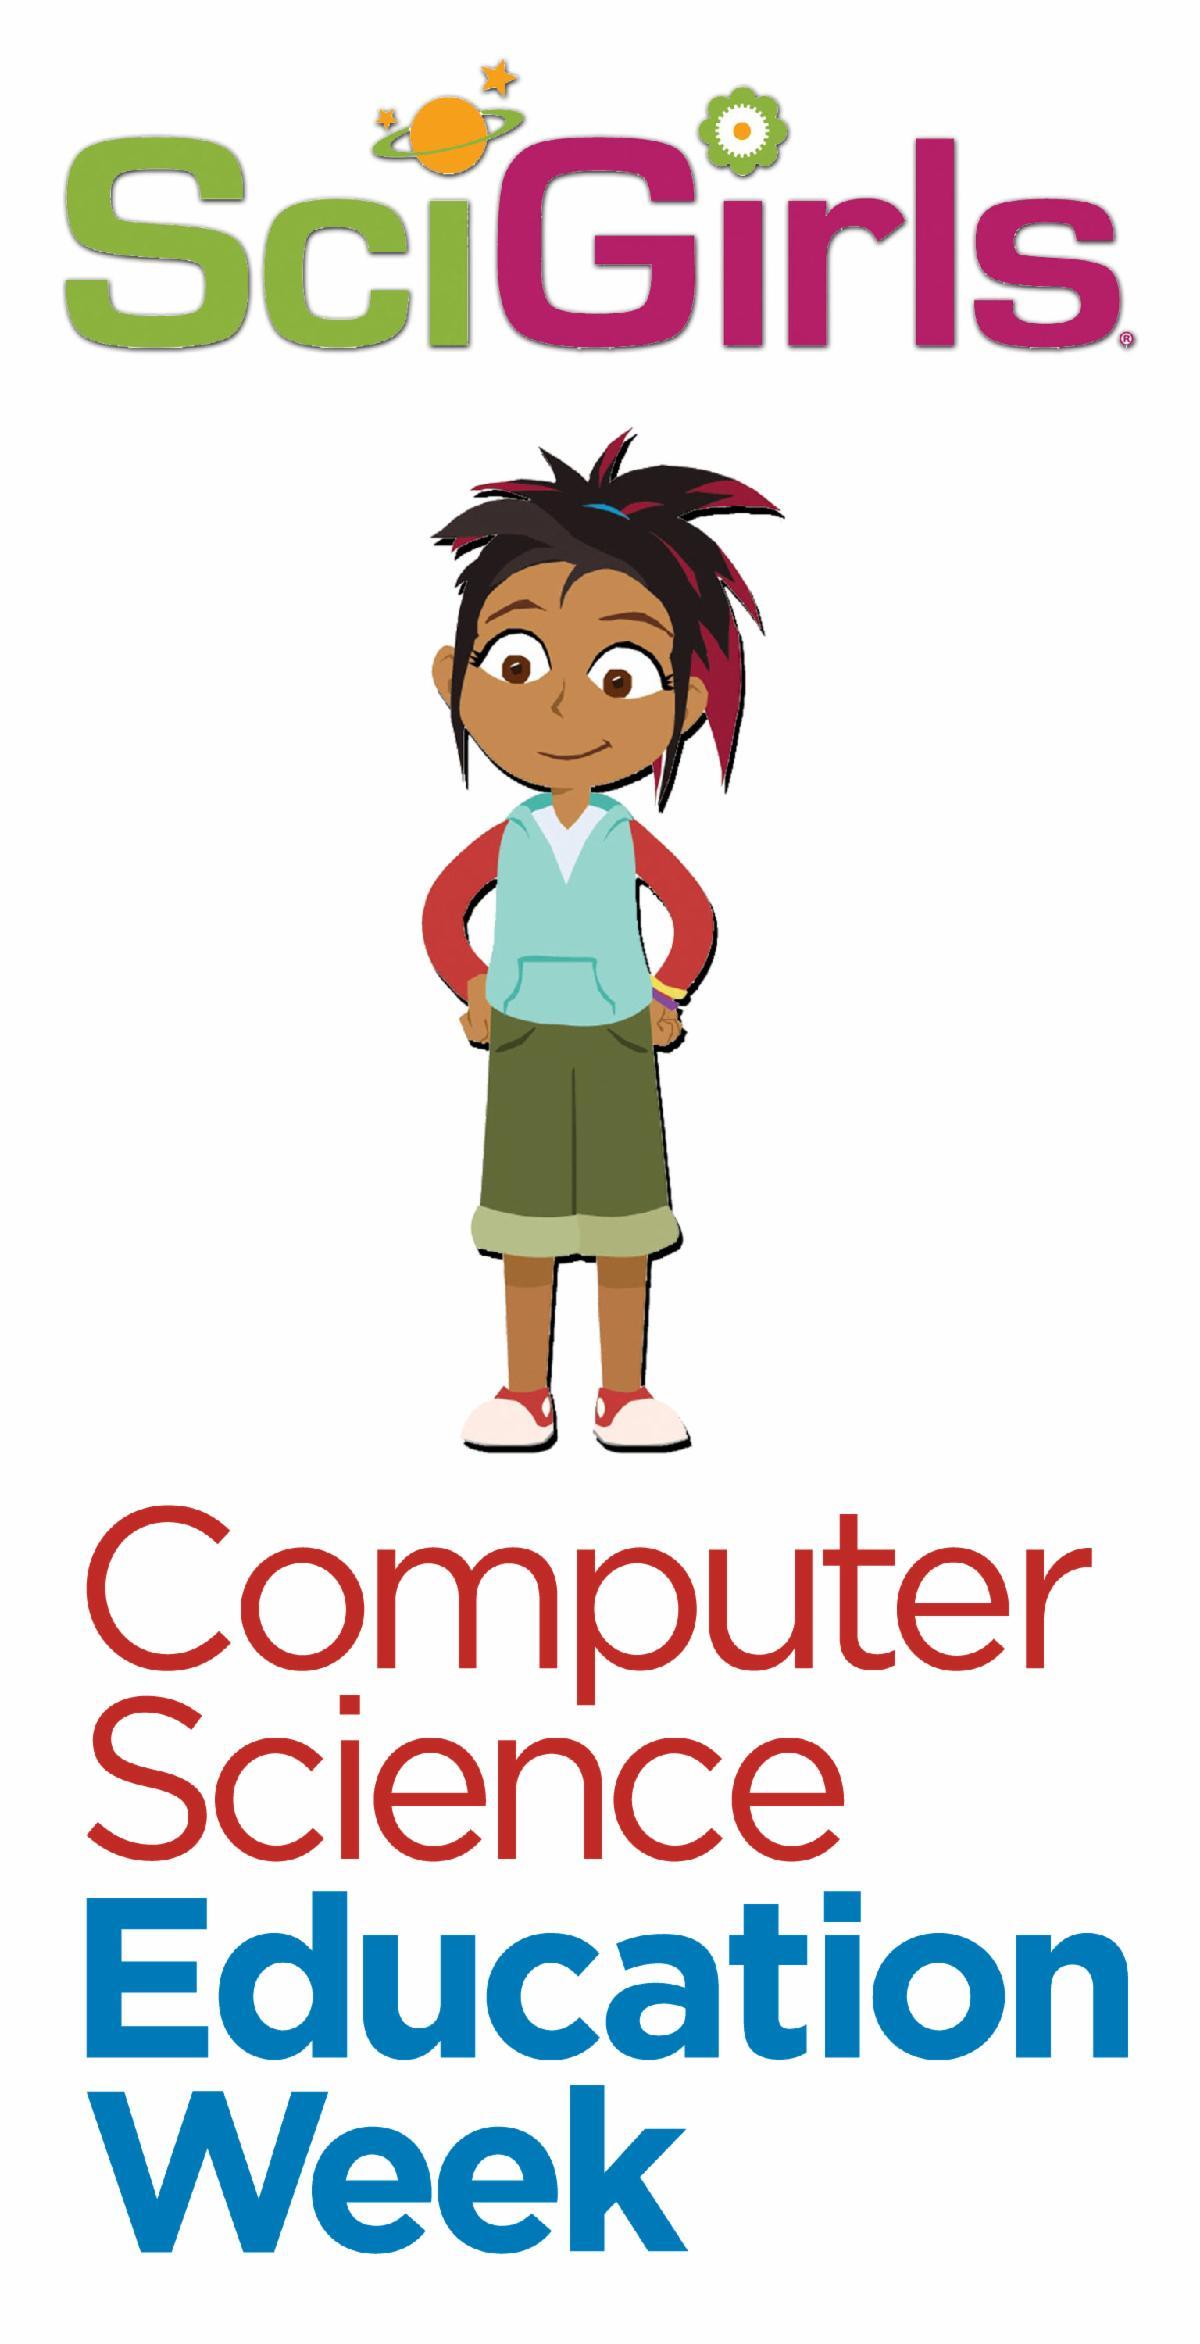 SciGirls and CSEdWeek Logos